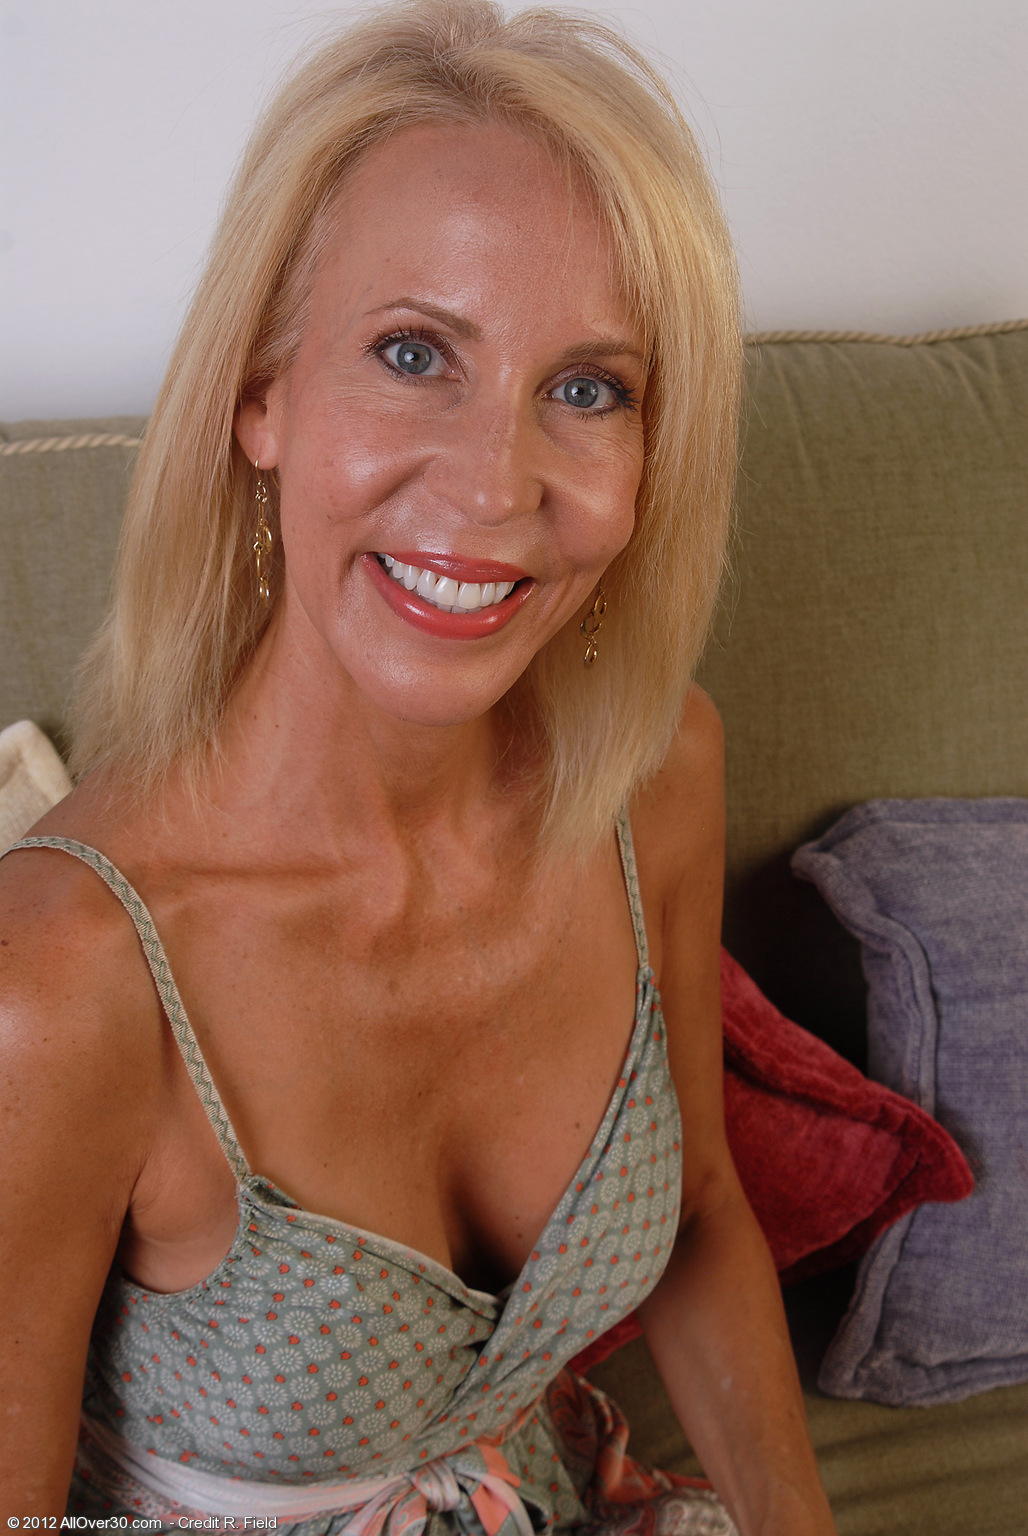 u a e hairy naked women photo